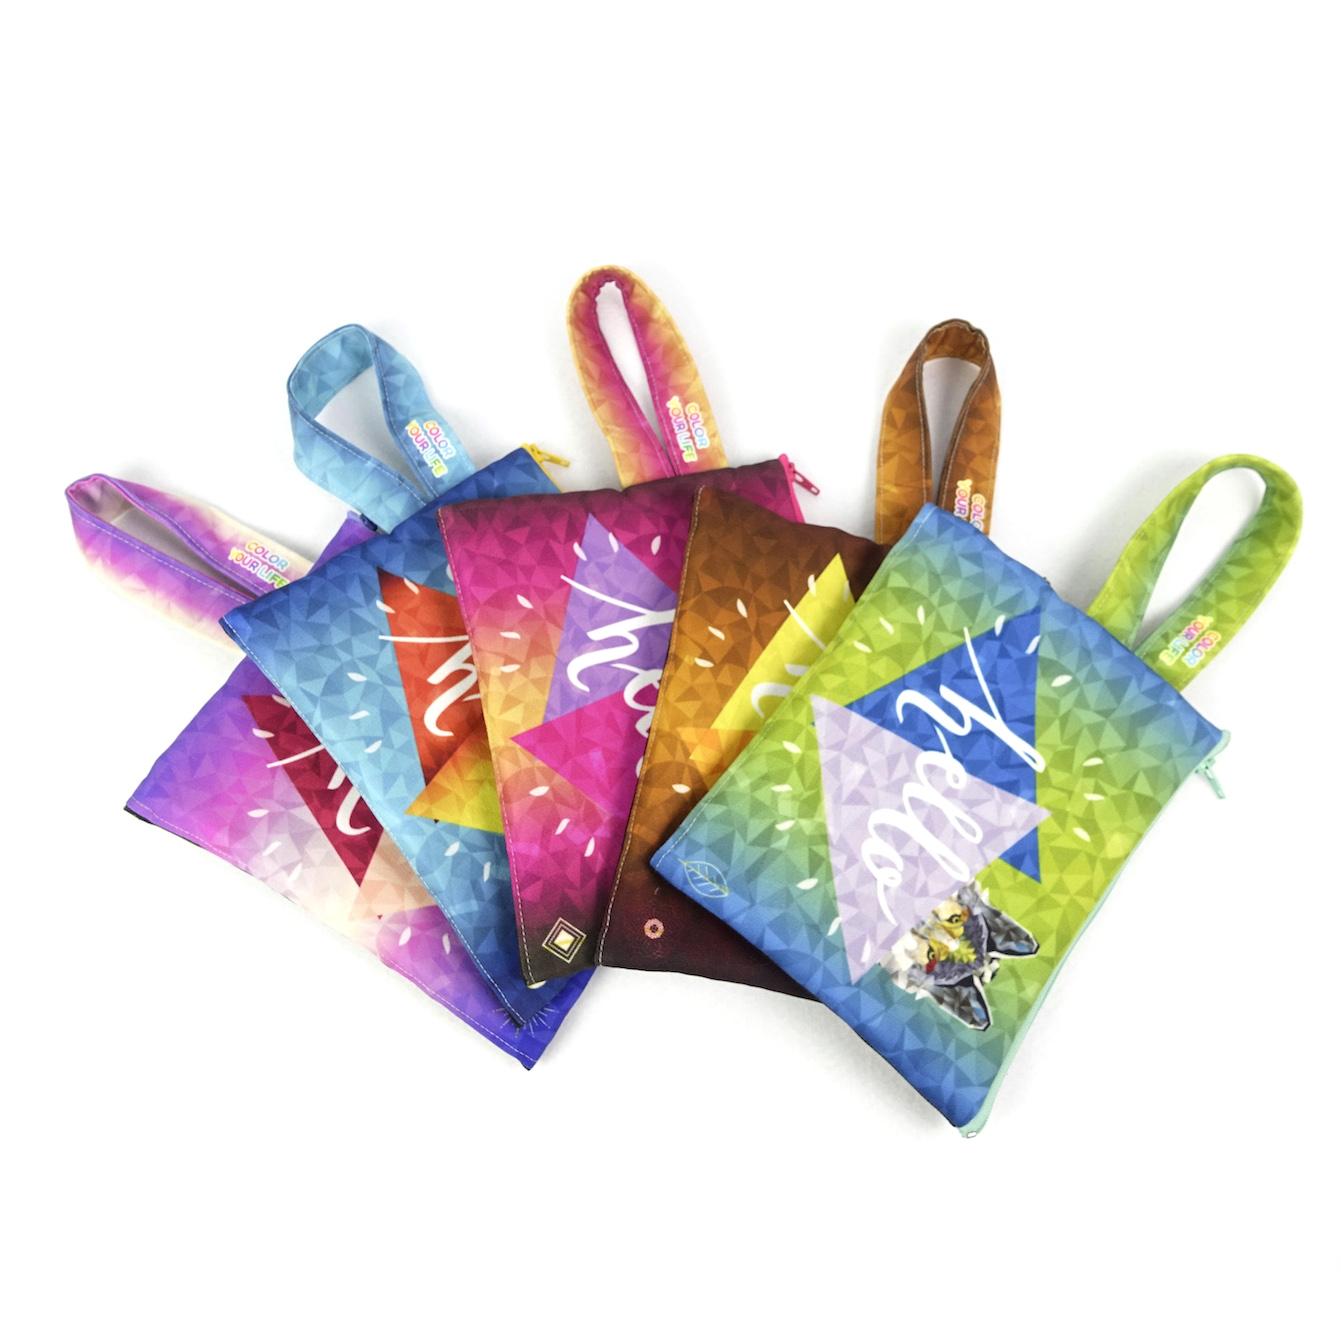 網布扁型提把小物包-單價94~97元 | MYOACG 文創周邊商品製造商